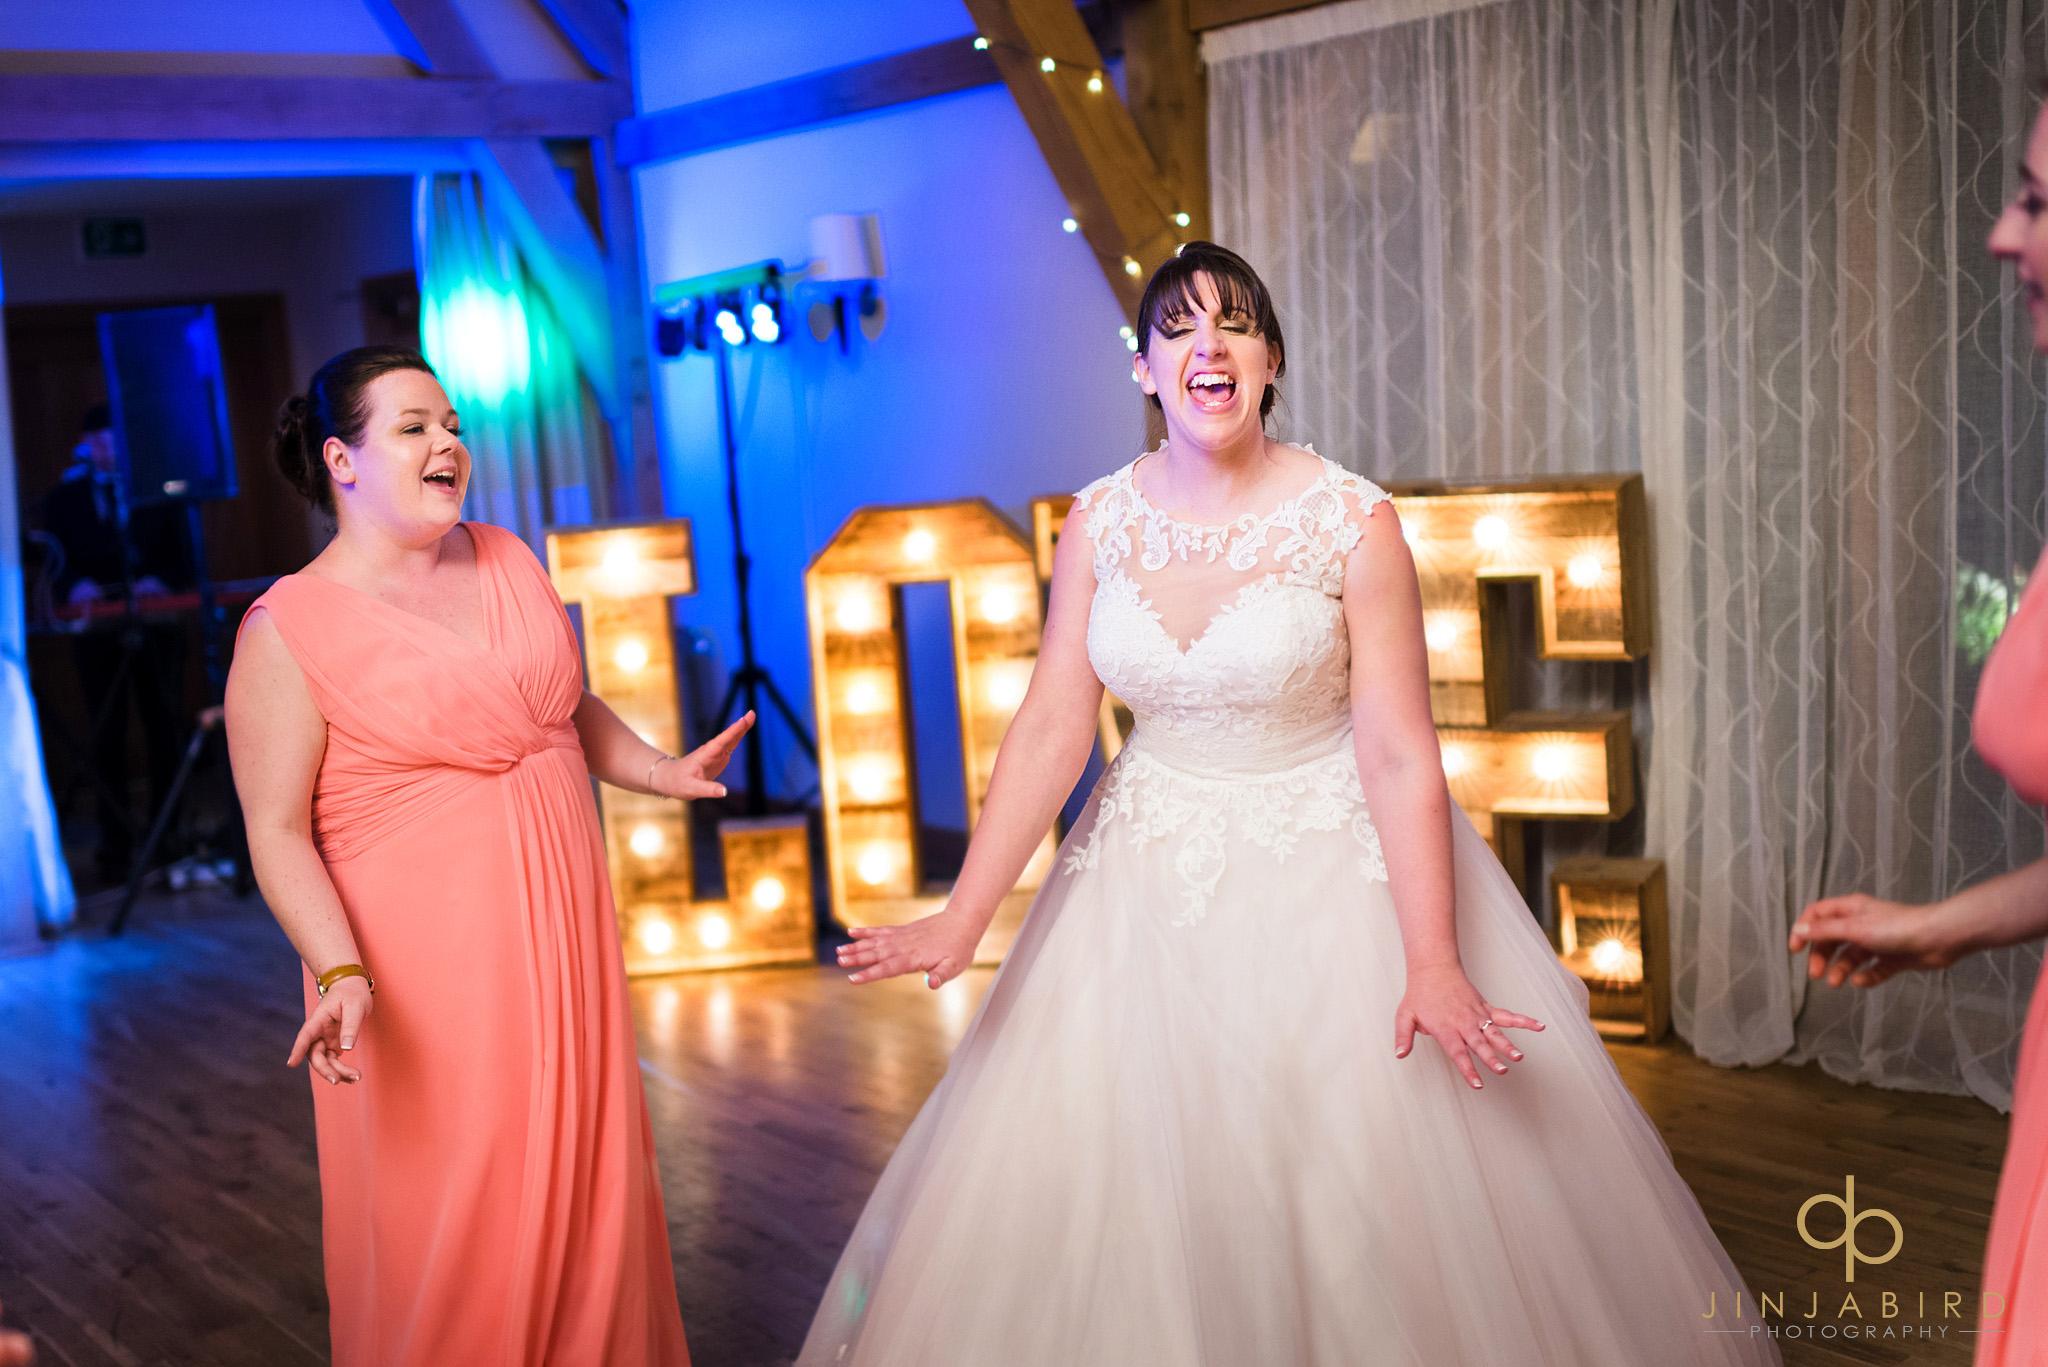 bride with bridesmaid dancing